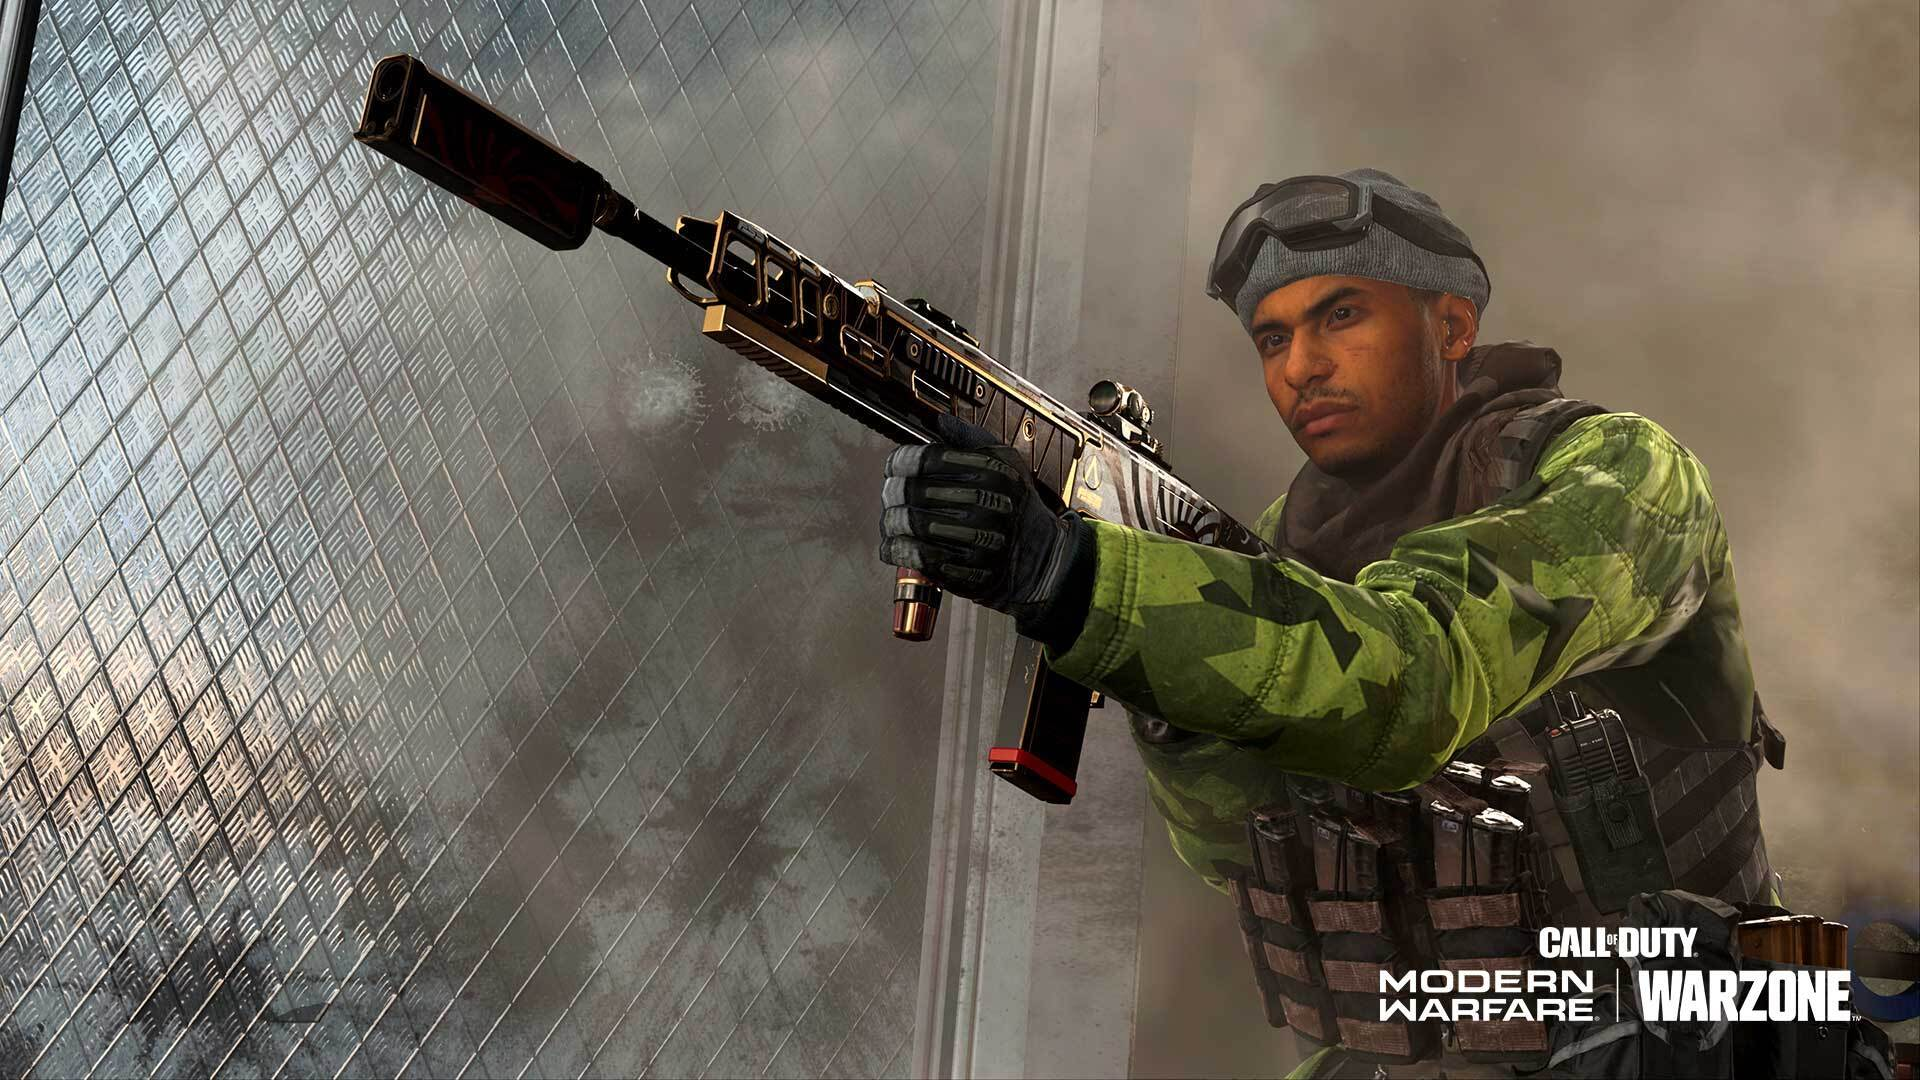 JAK-12 Shotgun